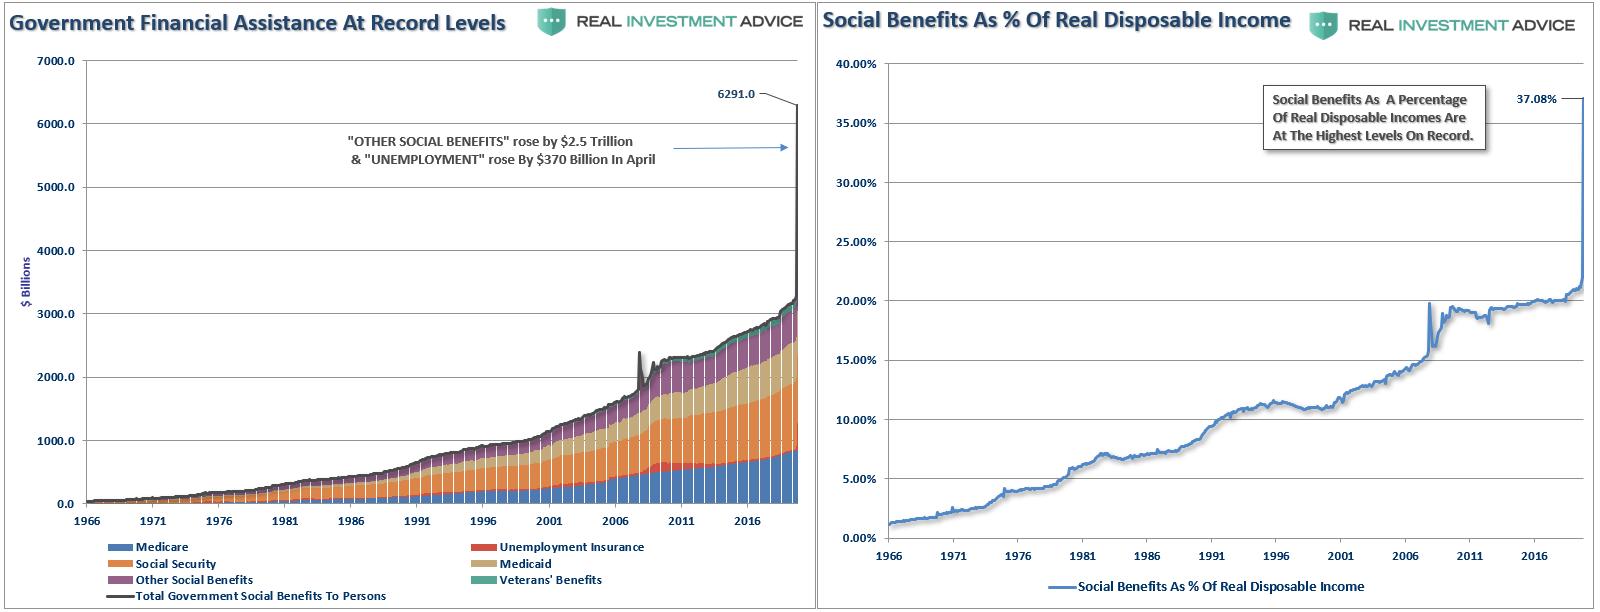 Social Security Benefits Percentage-DPI